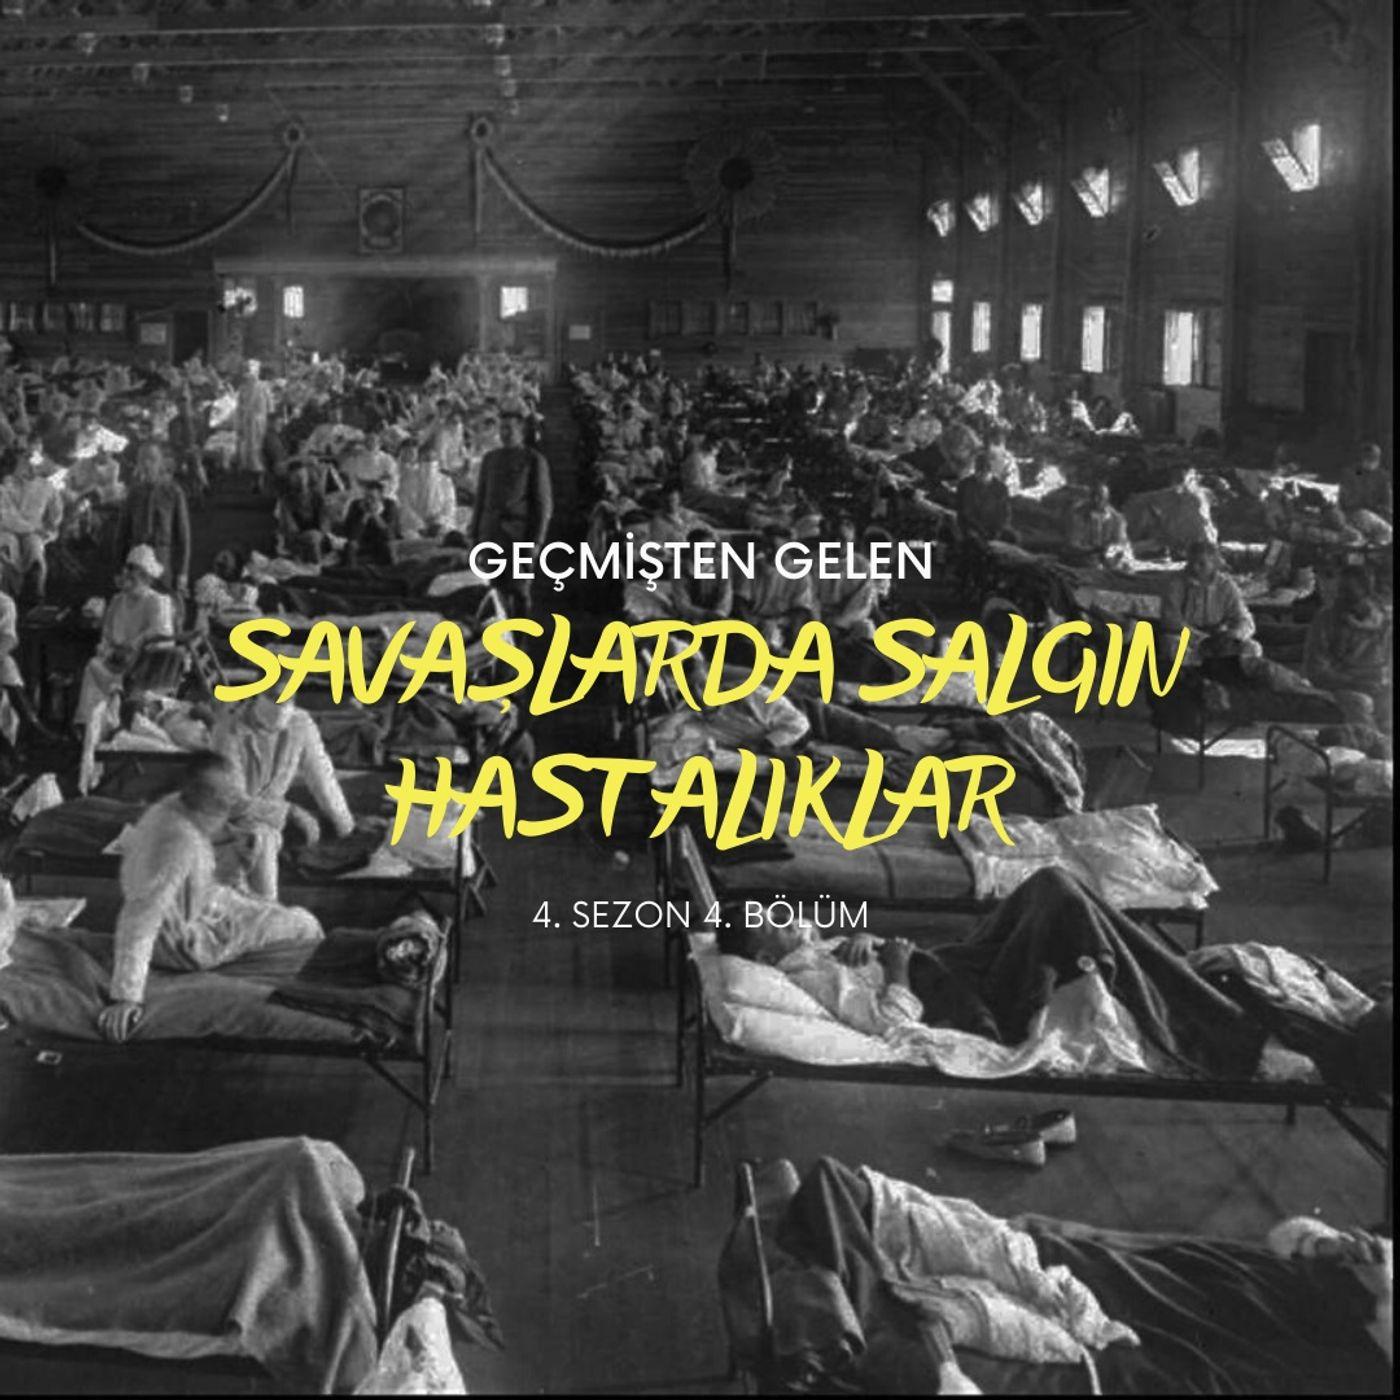 SALGINLAR.04 - Savaşlarda Salgın Hastalıklar